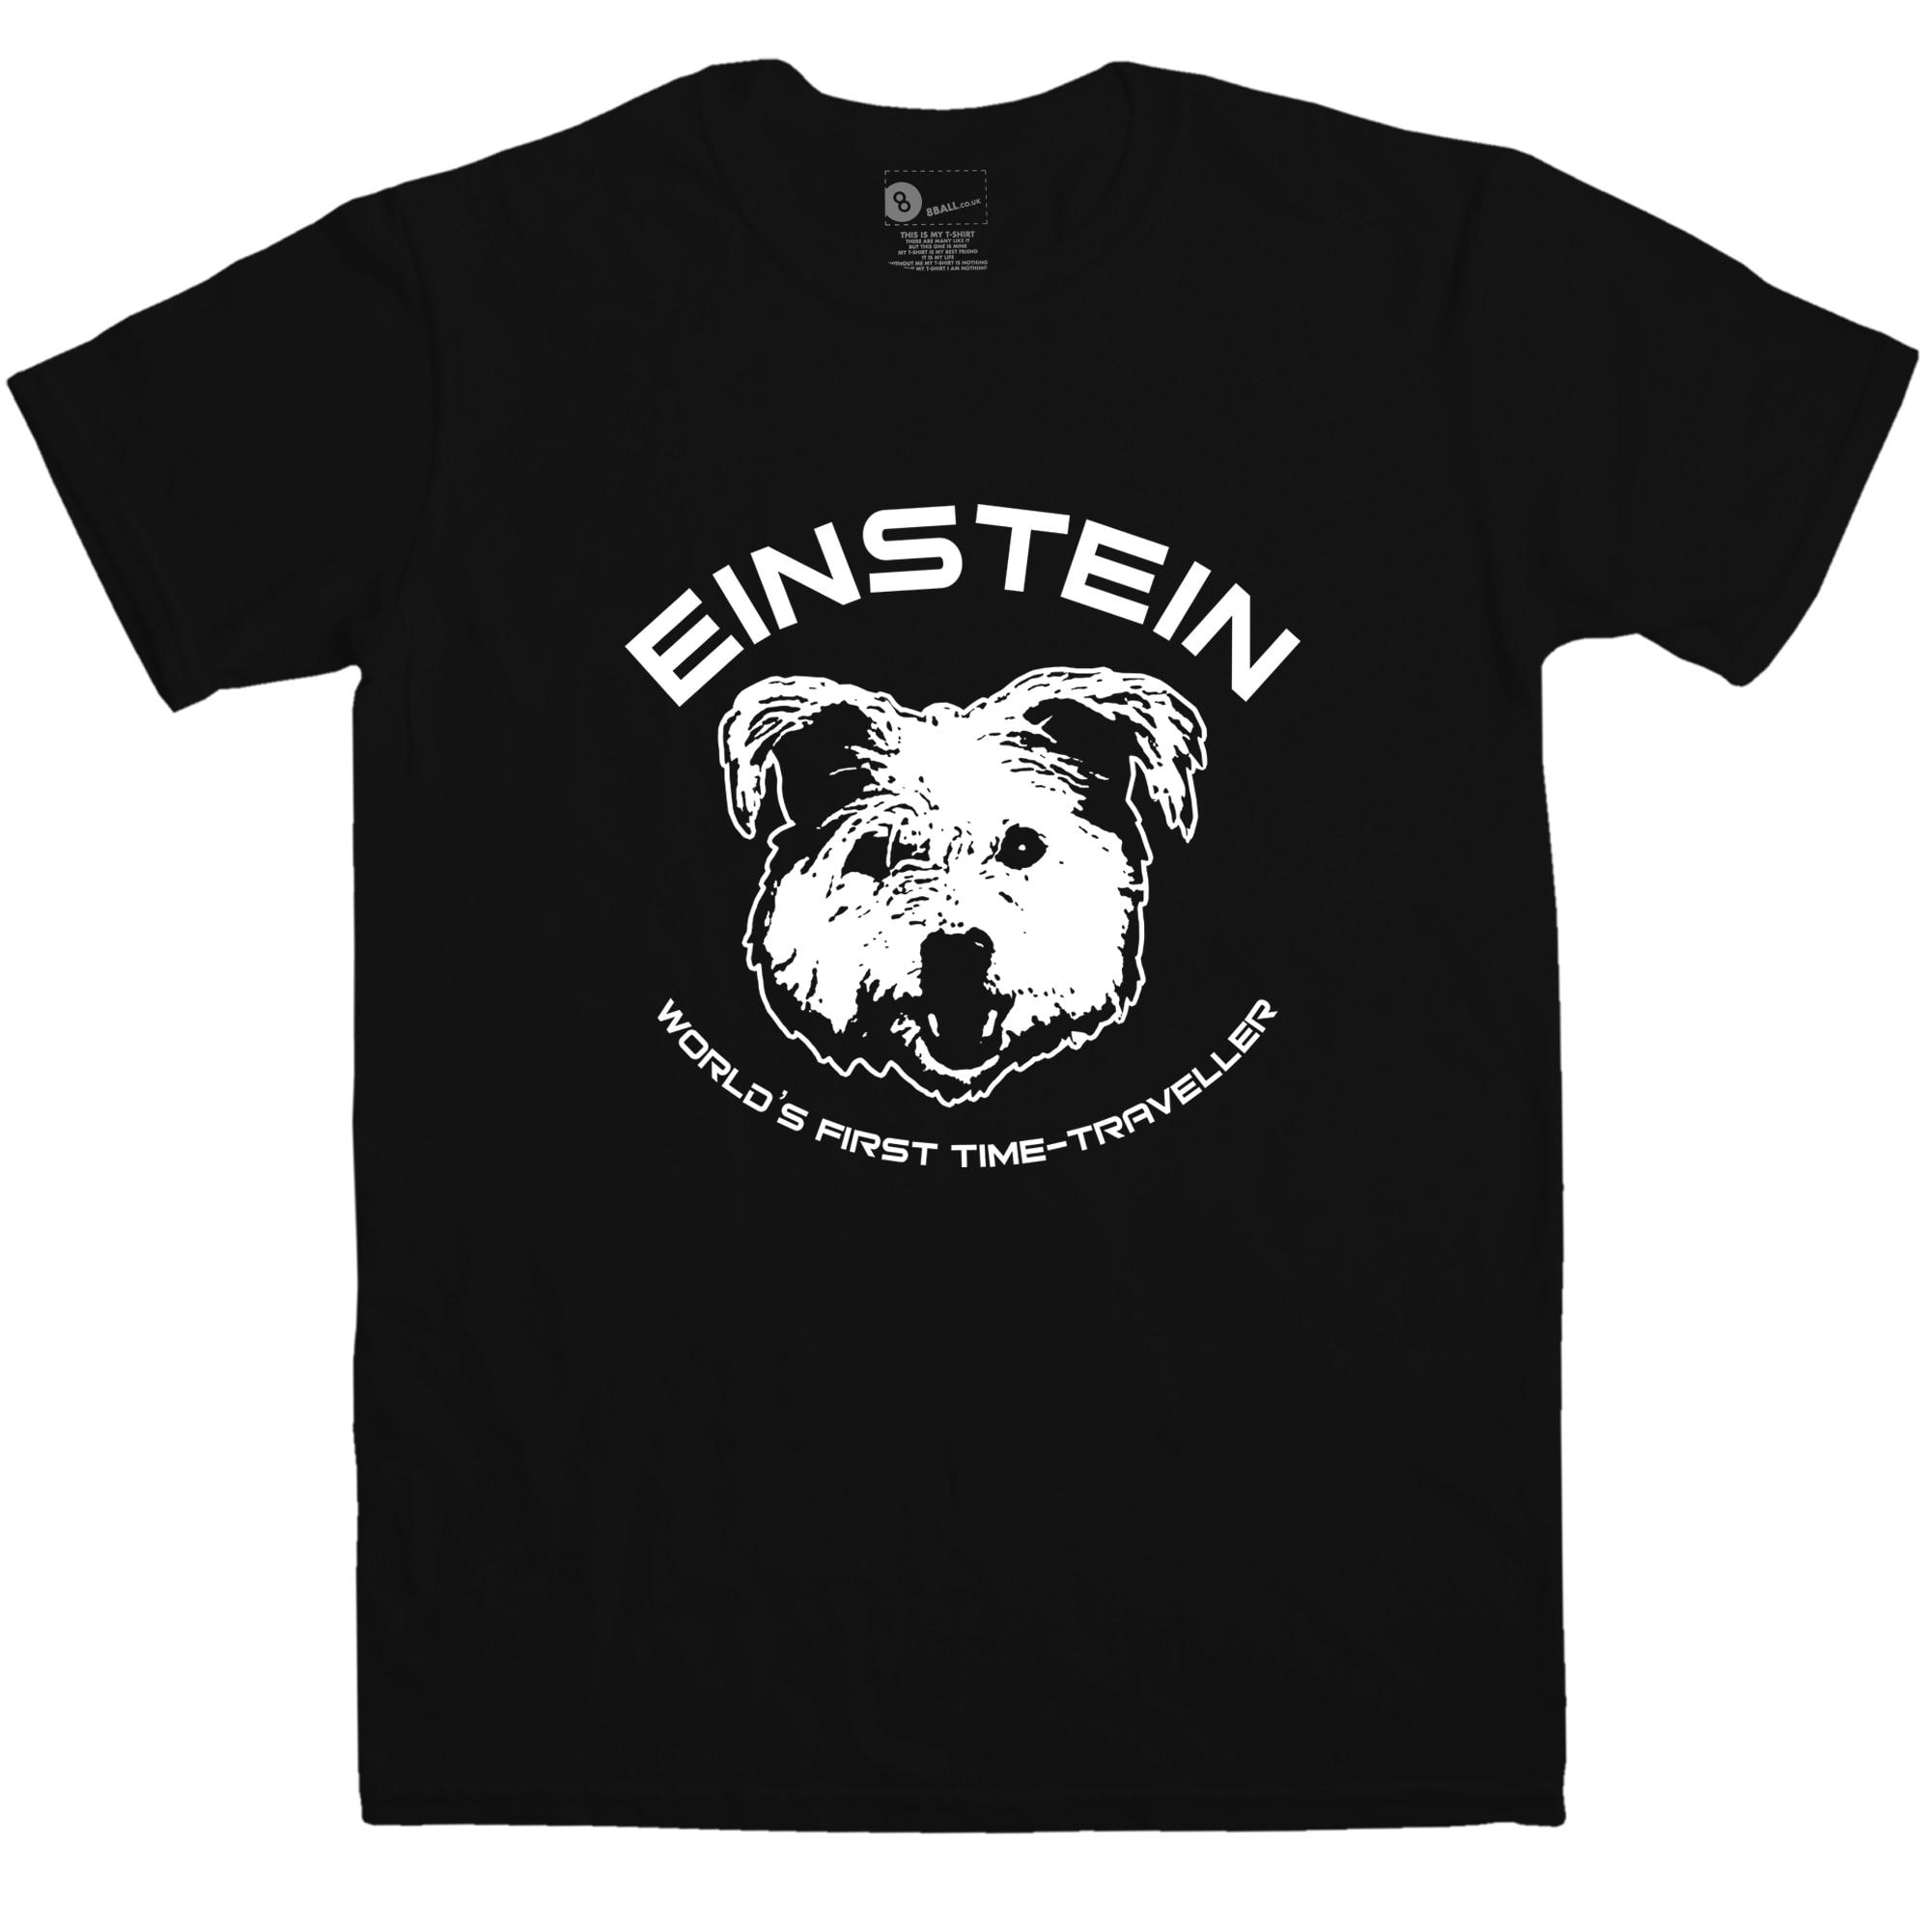 Новый человек футболки с коротким рукавом мужская футболка-Эйнштейн первый раз traveller